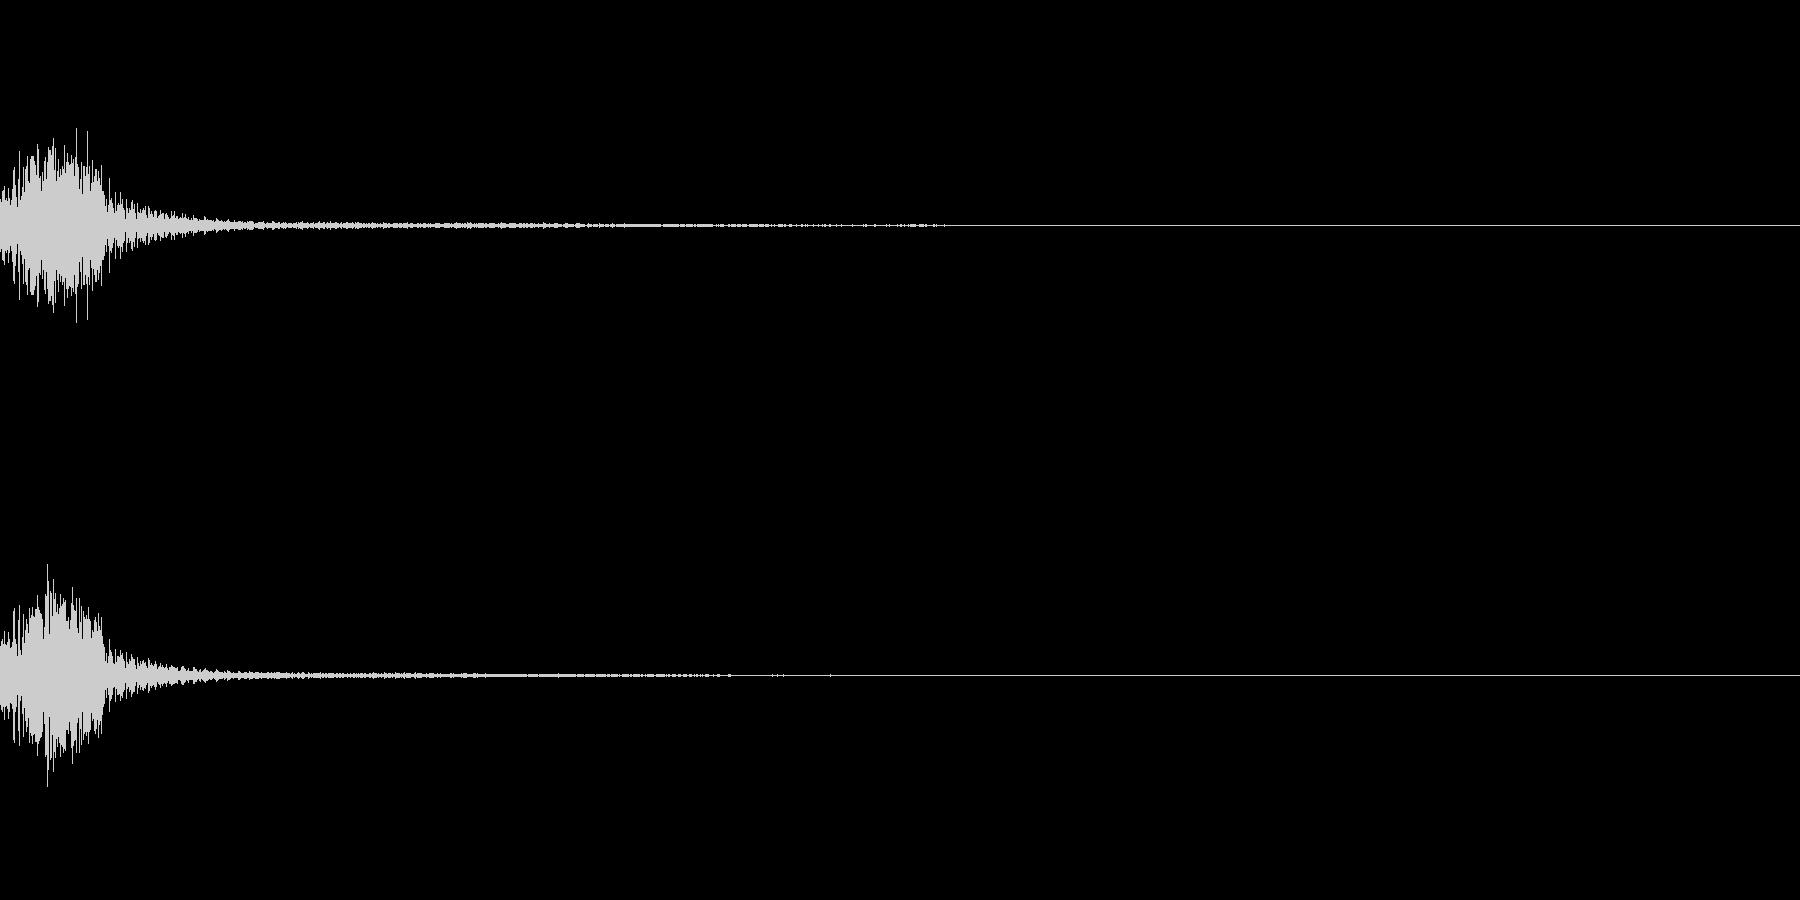 パズルゲーム風コンボのカウント音2の未再生の波形